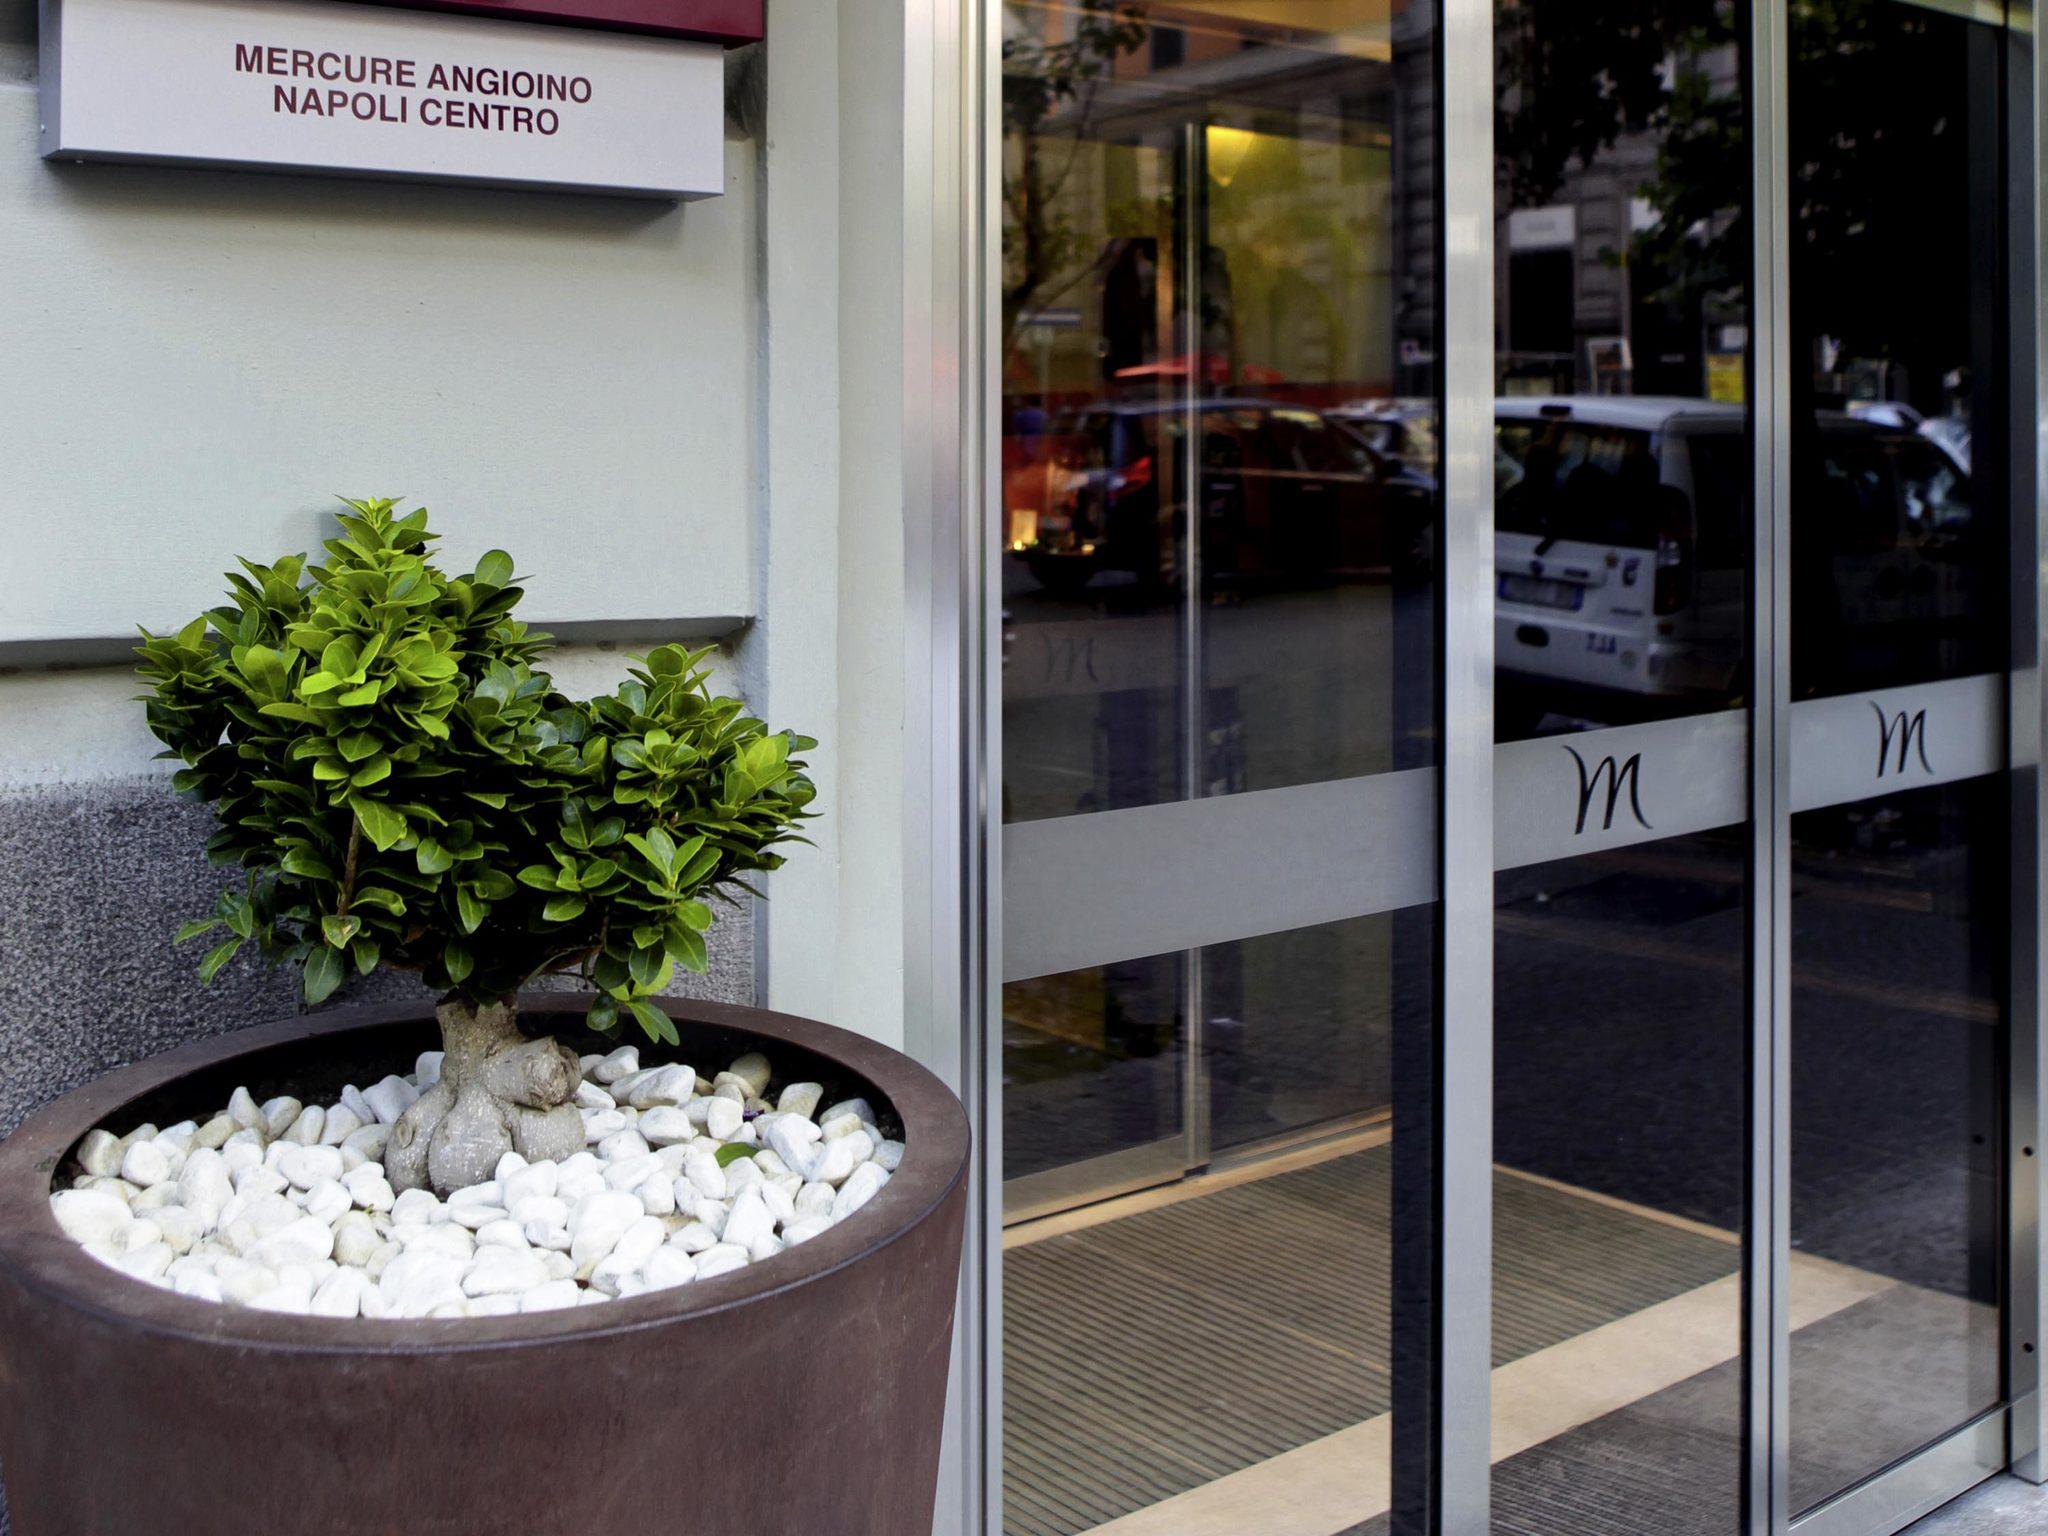 HOTEL MERCURE MASCHIO ANGIOINO